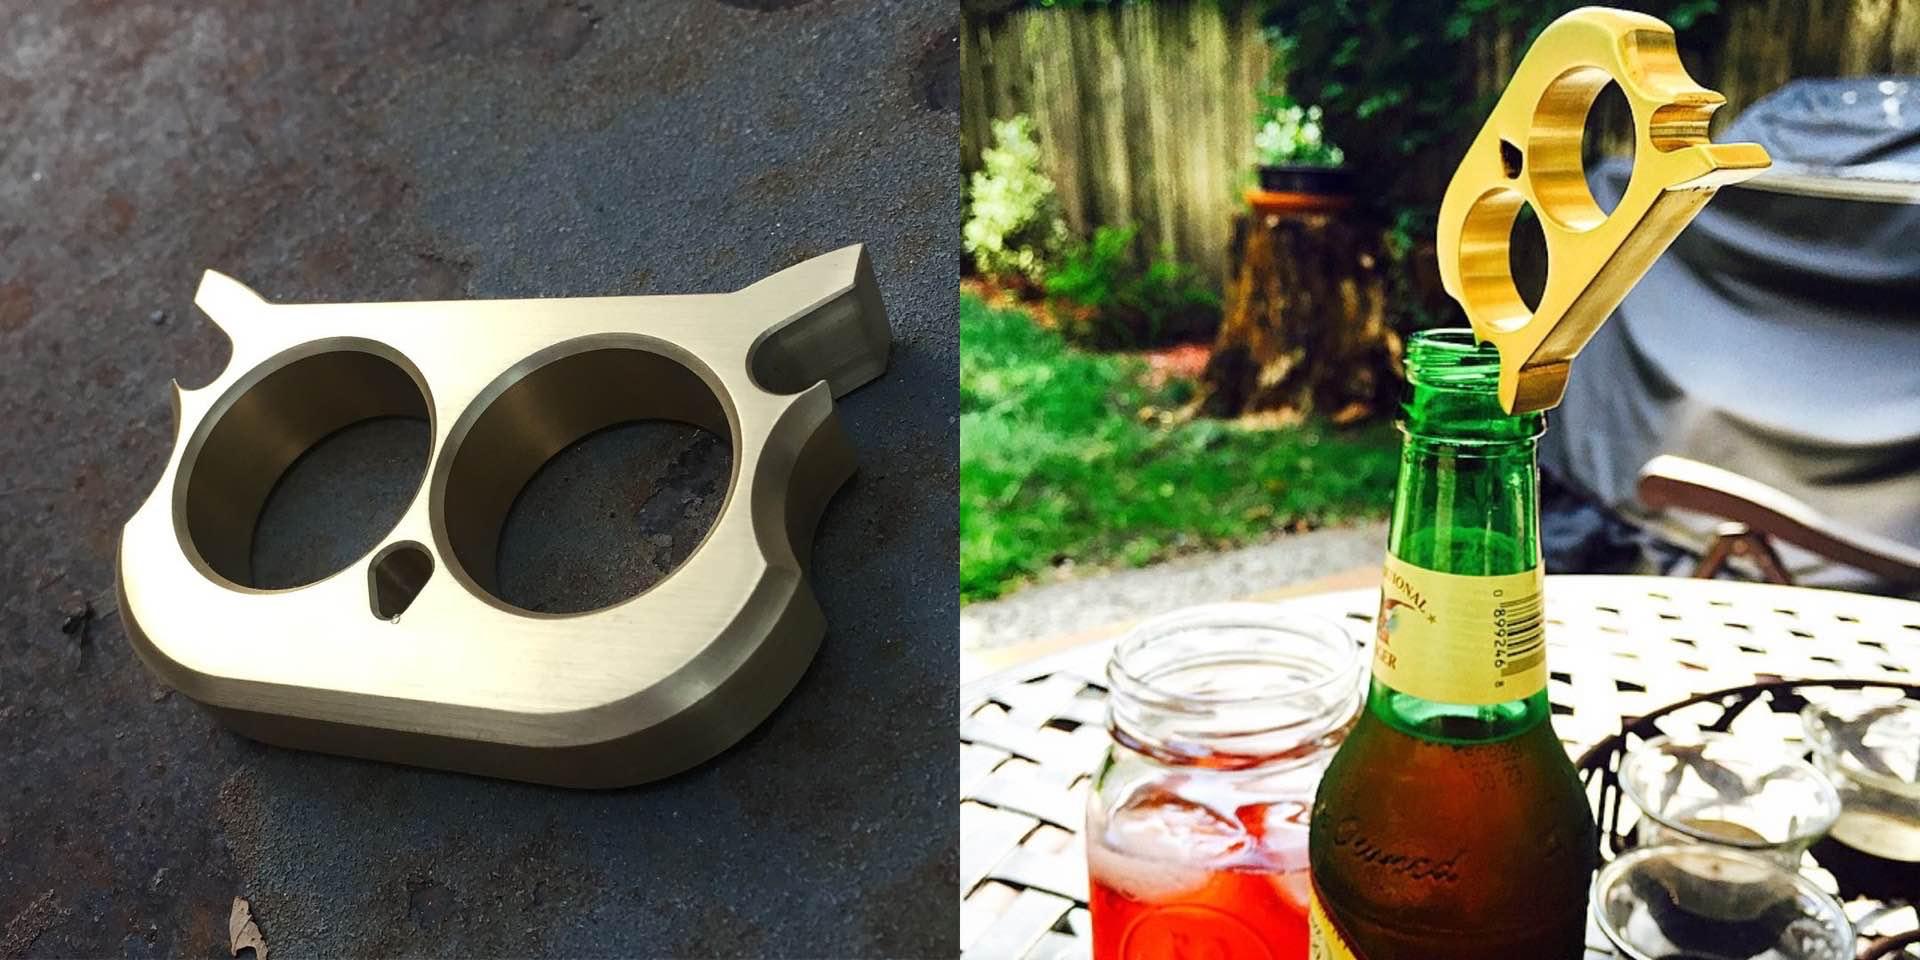 owl-tac-winston-2-0-brass-bottle-opener-pocket-tool